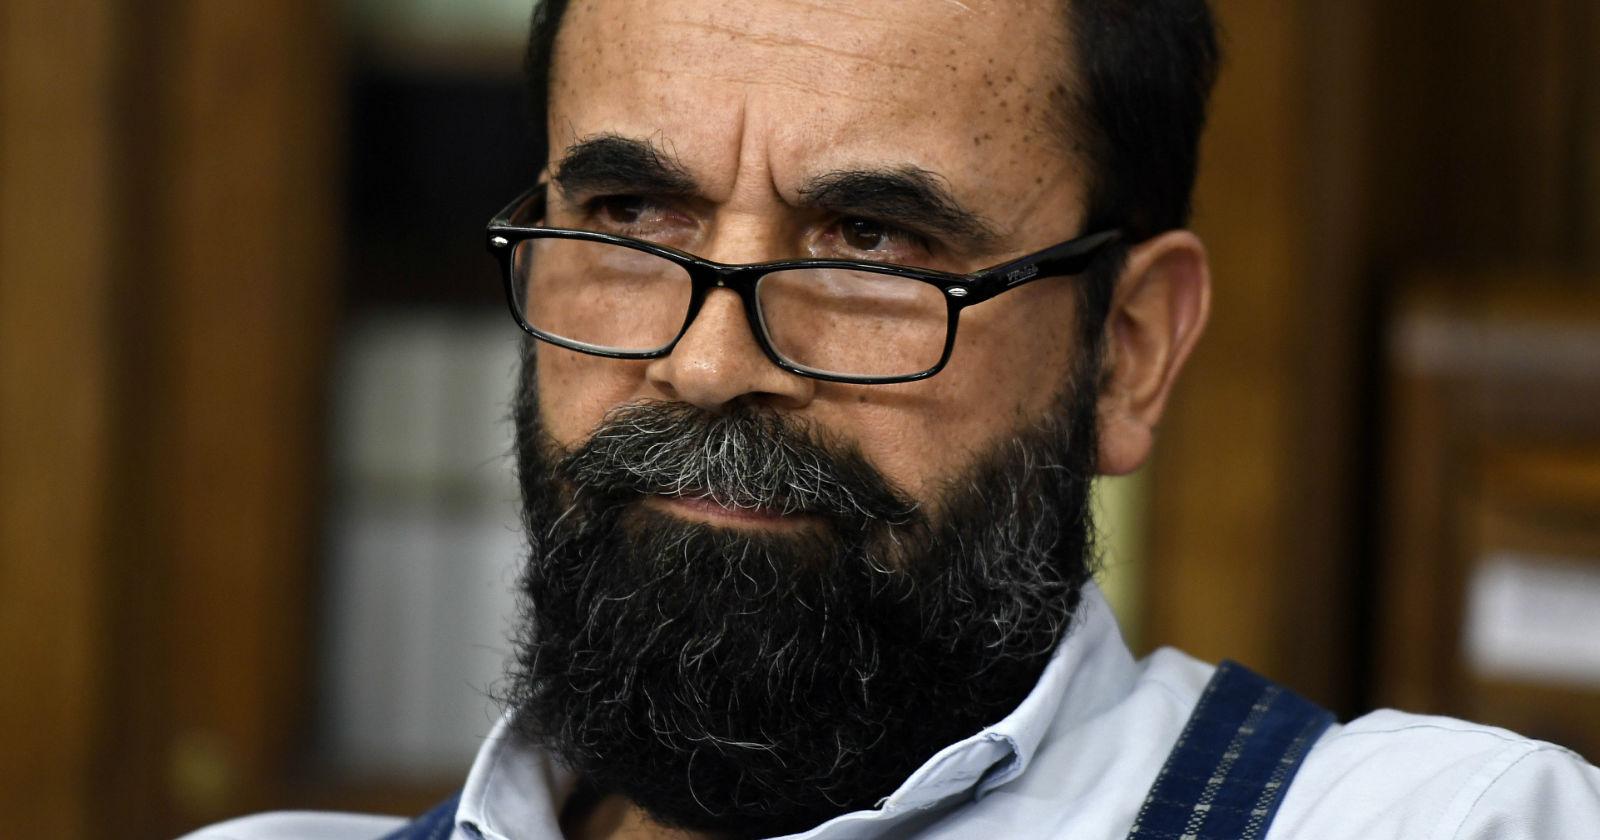 Buscarán llevar a Hugo Gutiérrez a la Comisión de Ética tras negarse a fiscalización